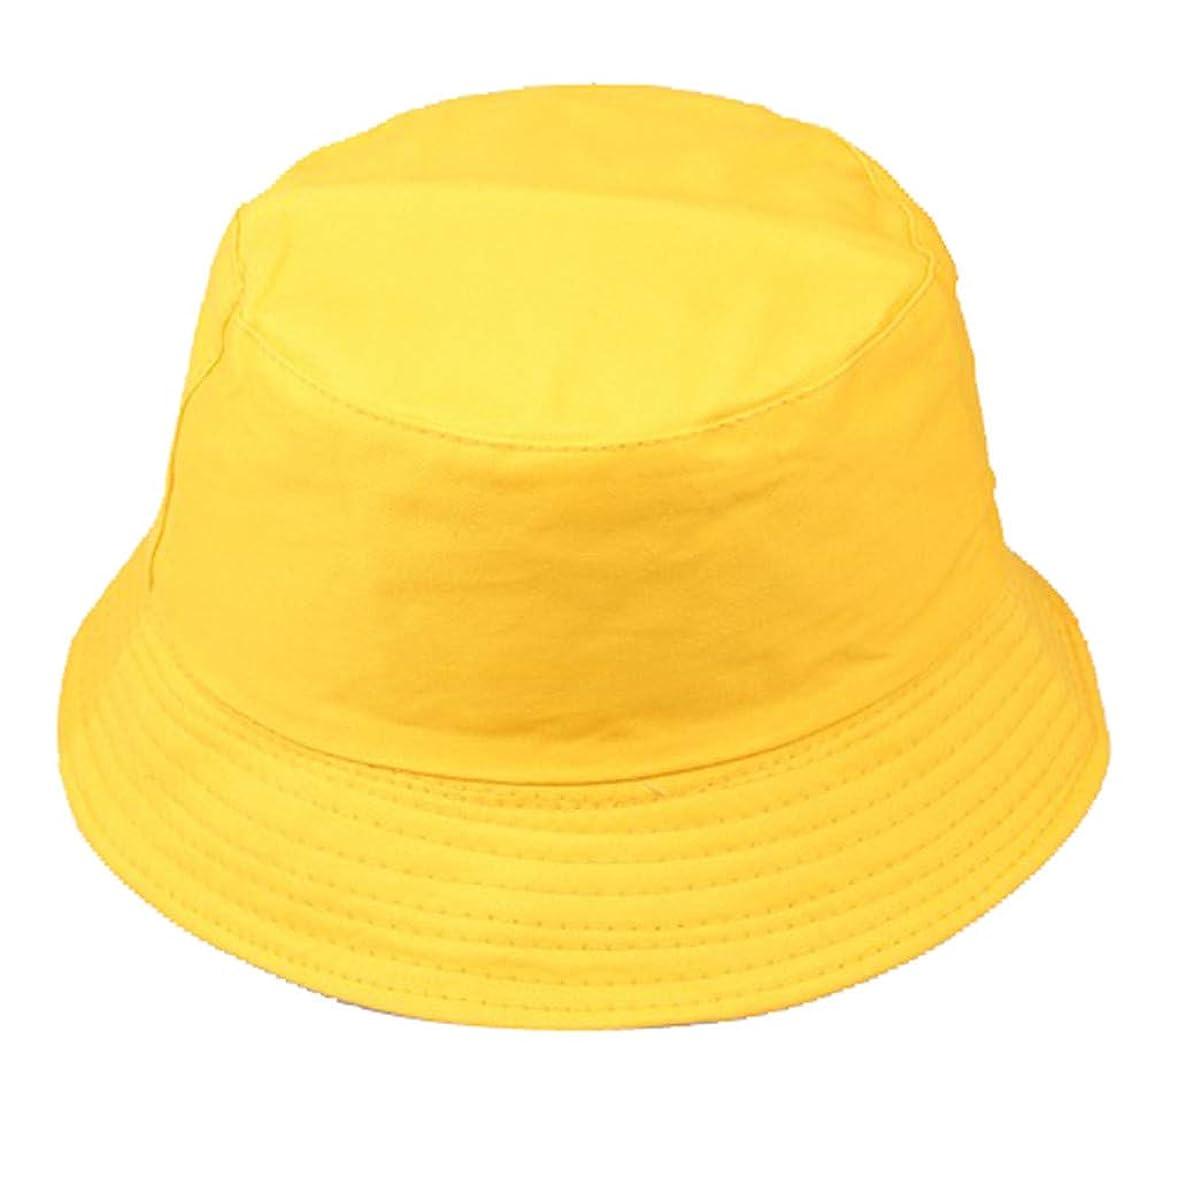 依存する皮アテンダント帽子 レディース 漁師帽 つば広 UVカット 熱中症 夏 海 紫外線 日除け レディース 帽子 キャップ ハット レディース 漁師の帽子 小顔効果抜群 アウトドア 紫外線対策 日焼け対策 ハット 調整テープ ROSE ROMAN